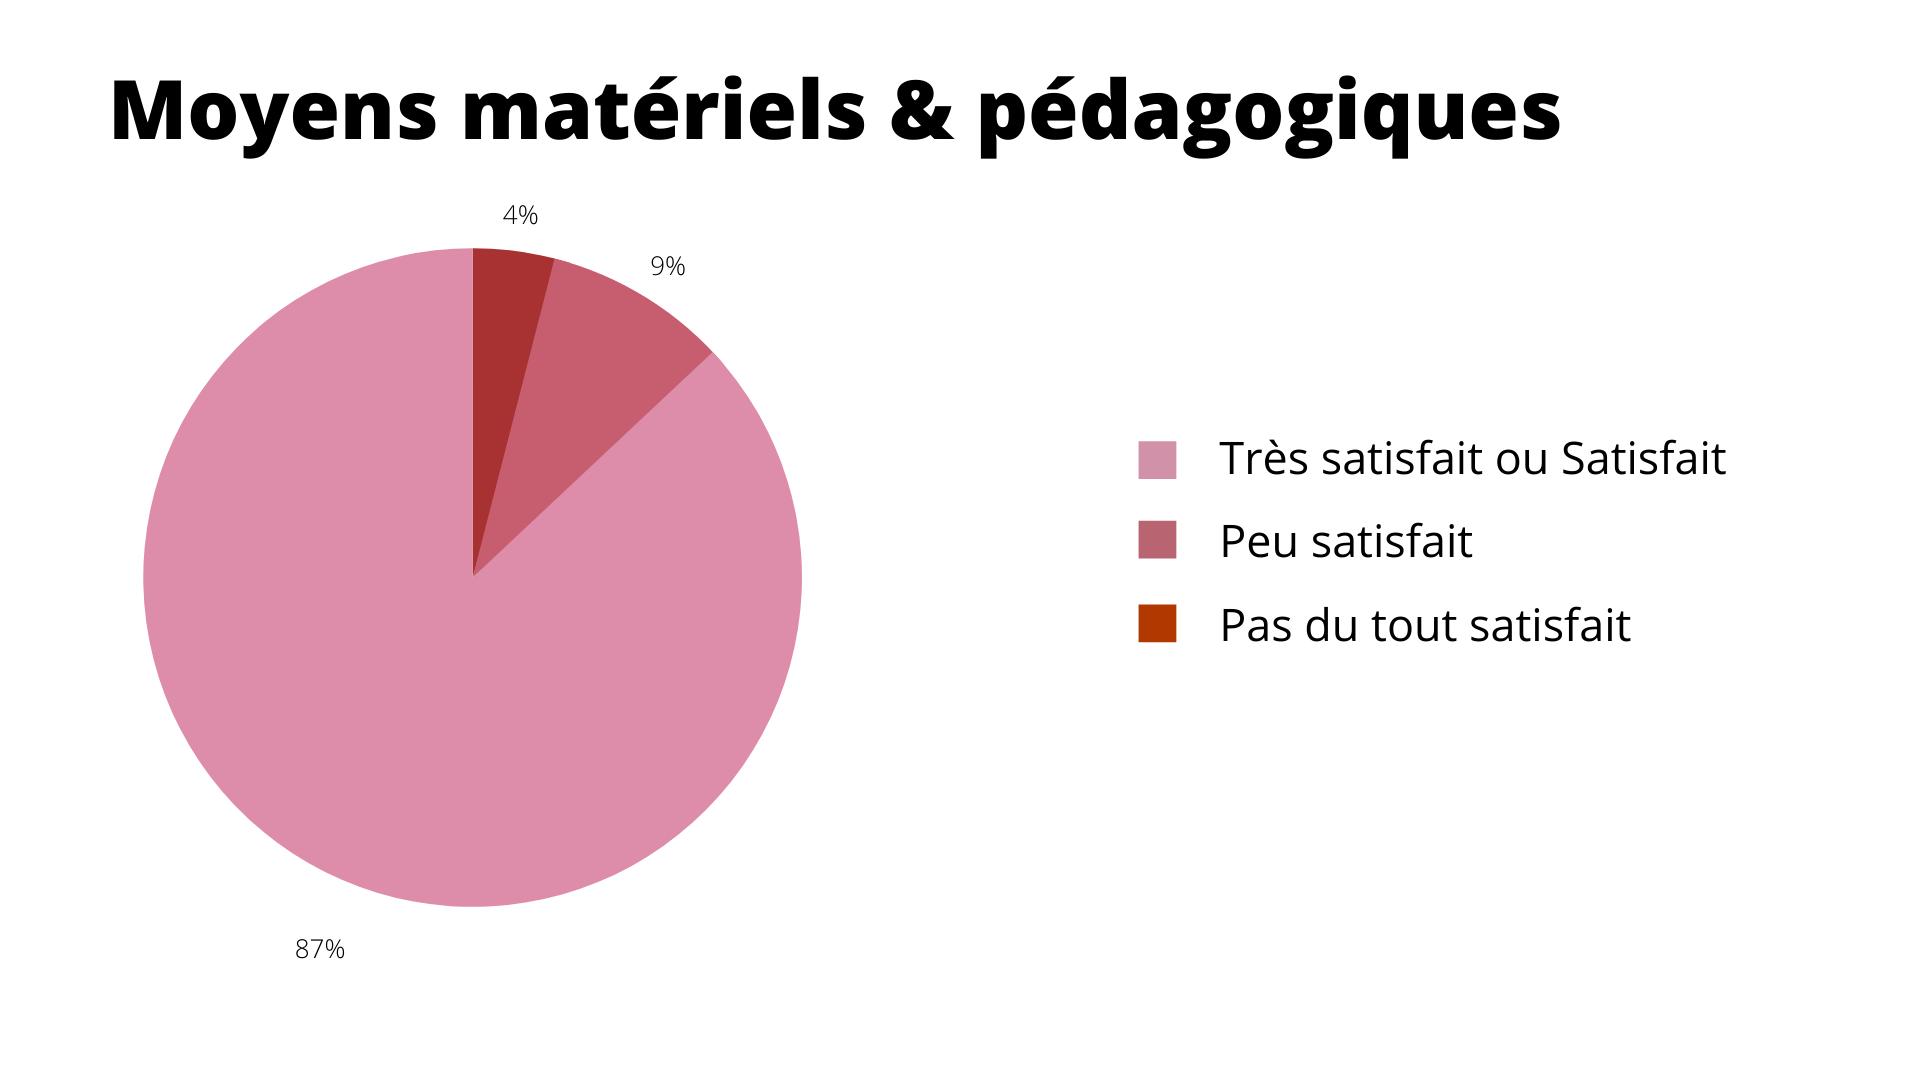 Résultat : Moyens matériels & pédagogiques